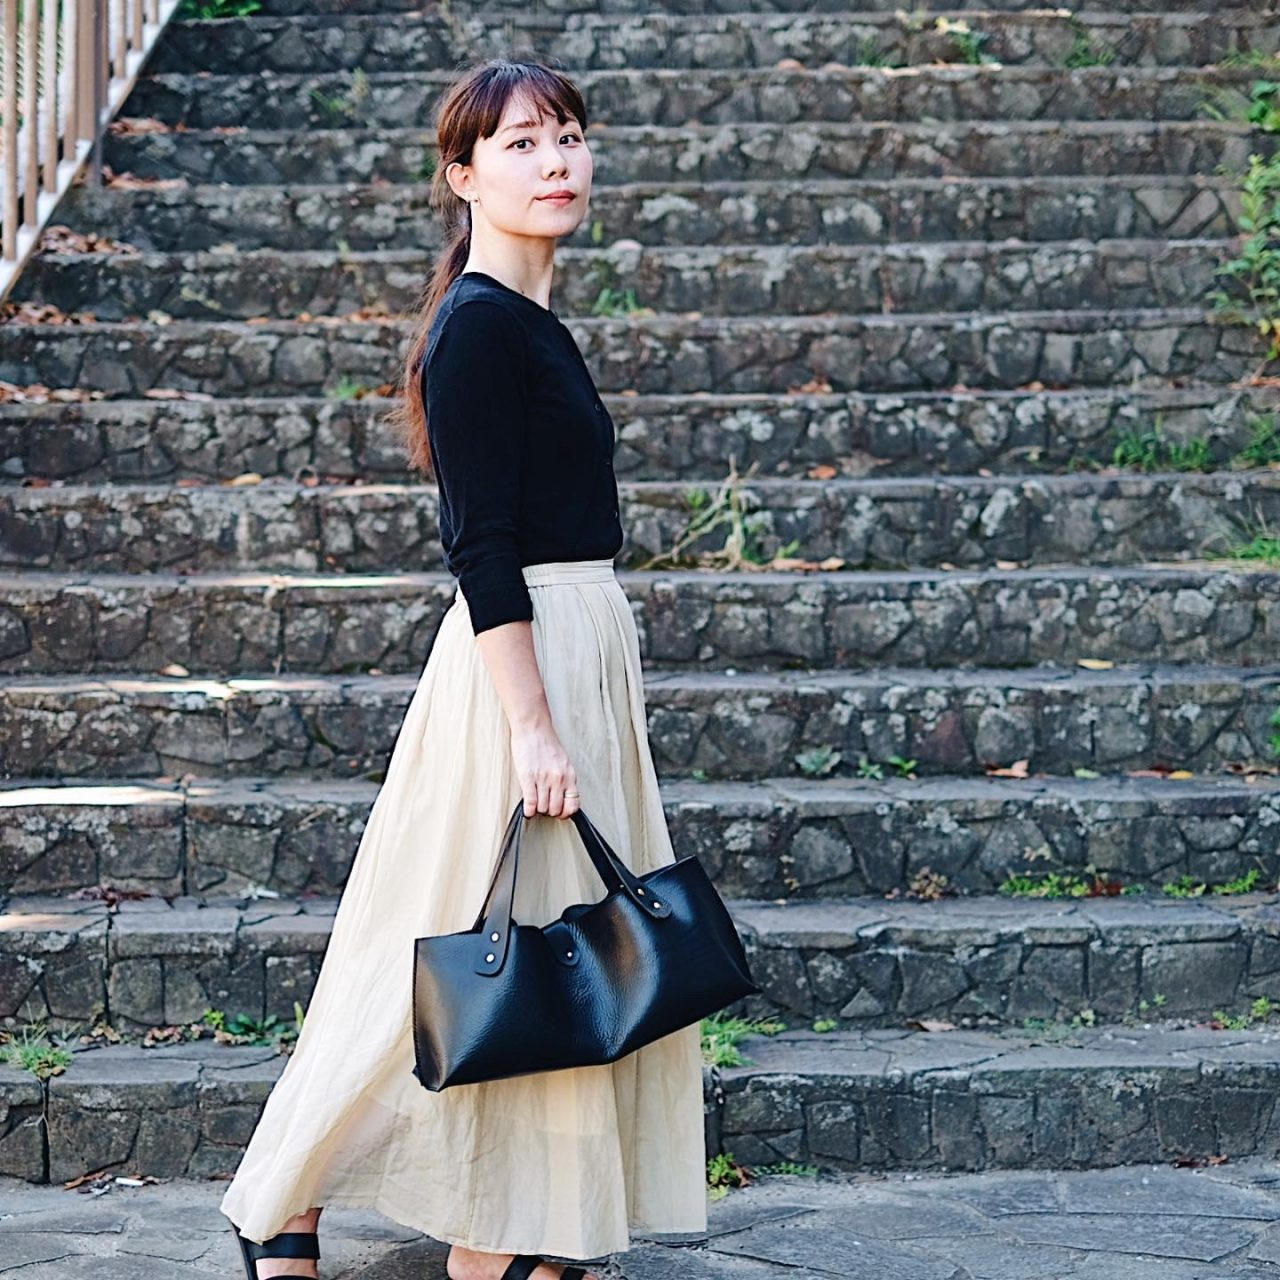 小泉 優奈|KOIZUMI YUNA